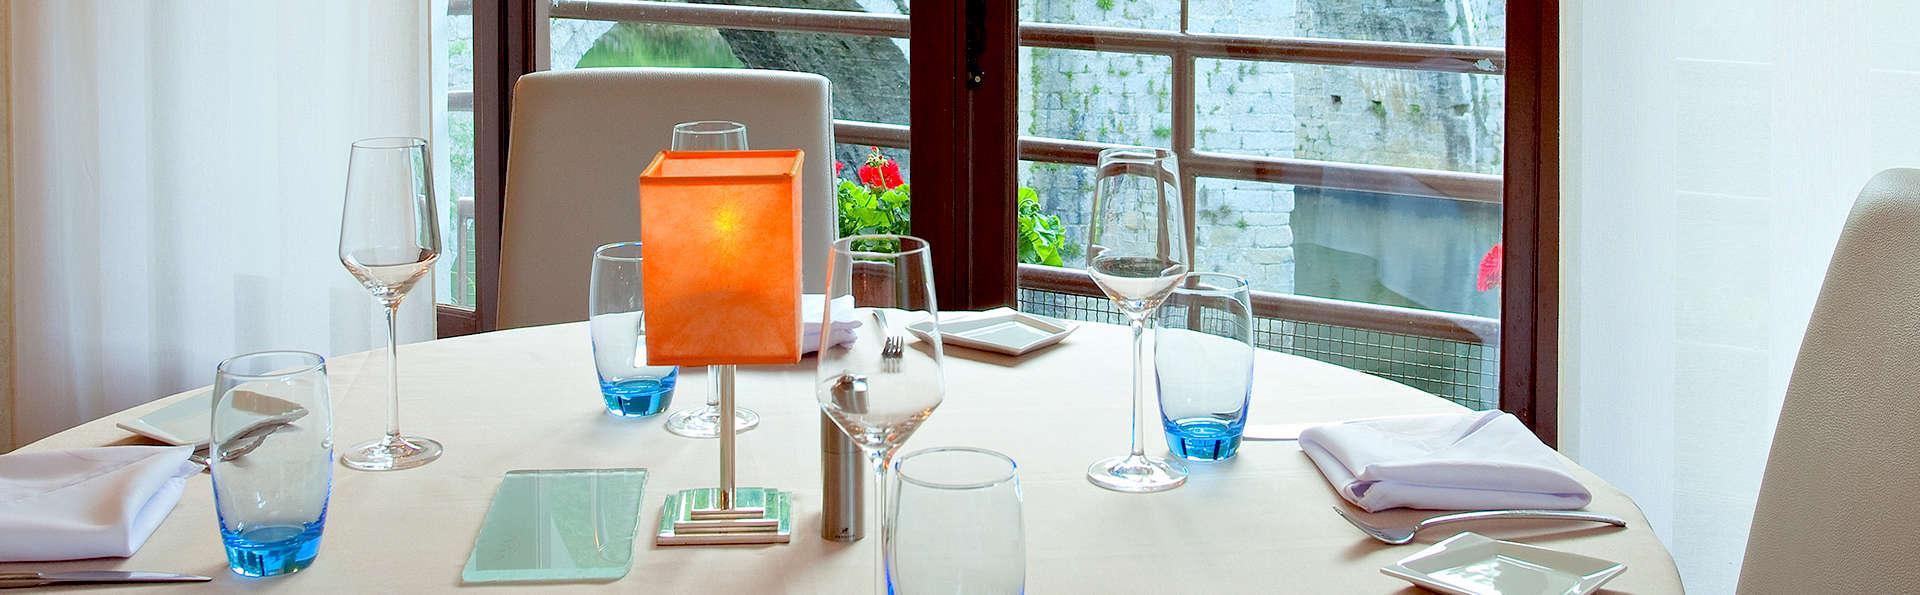 Séjour détente avec un dîner gastronomique au cœur de l'Aveyron